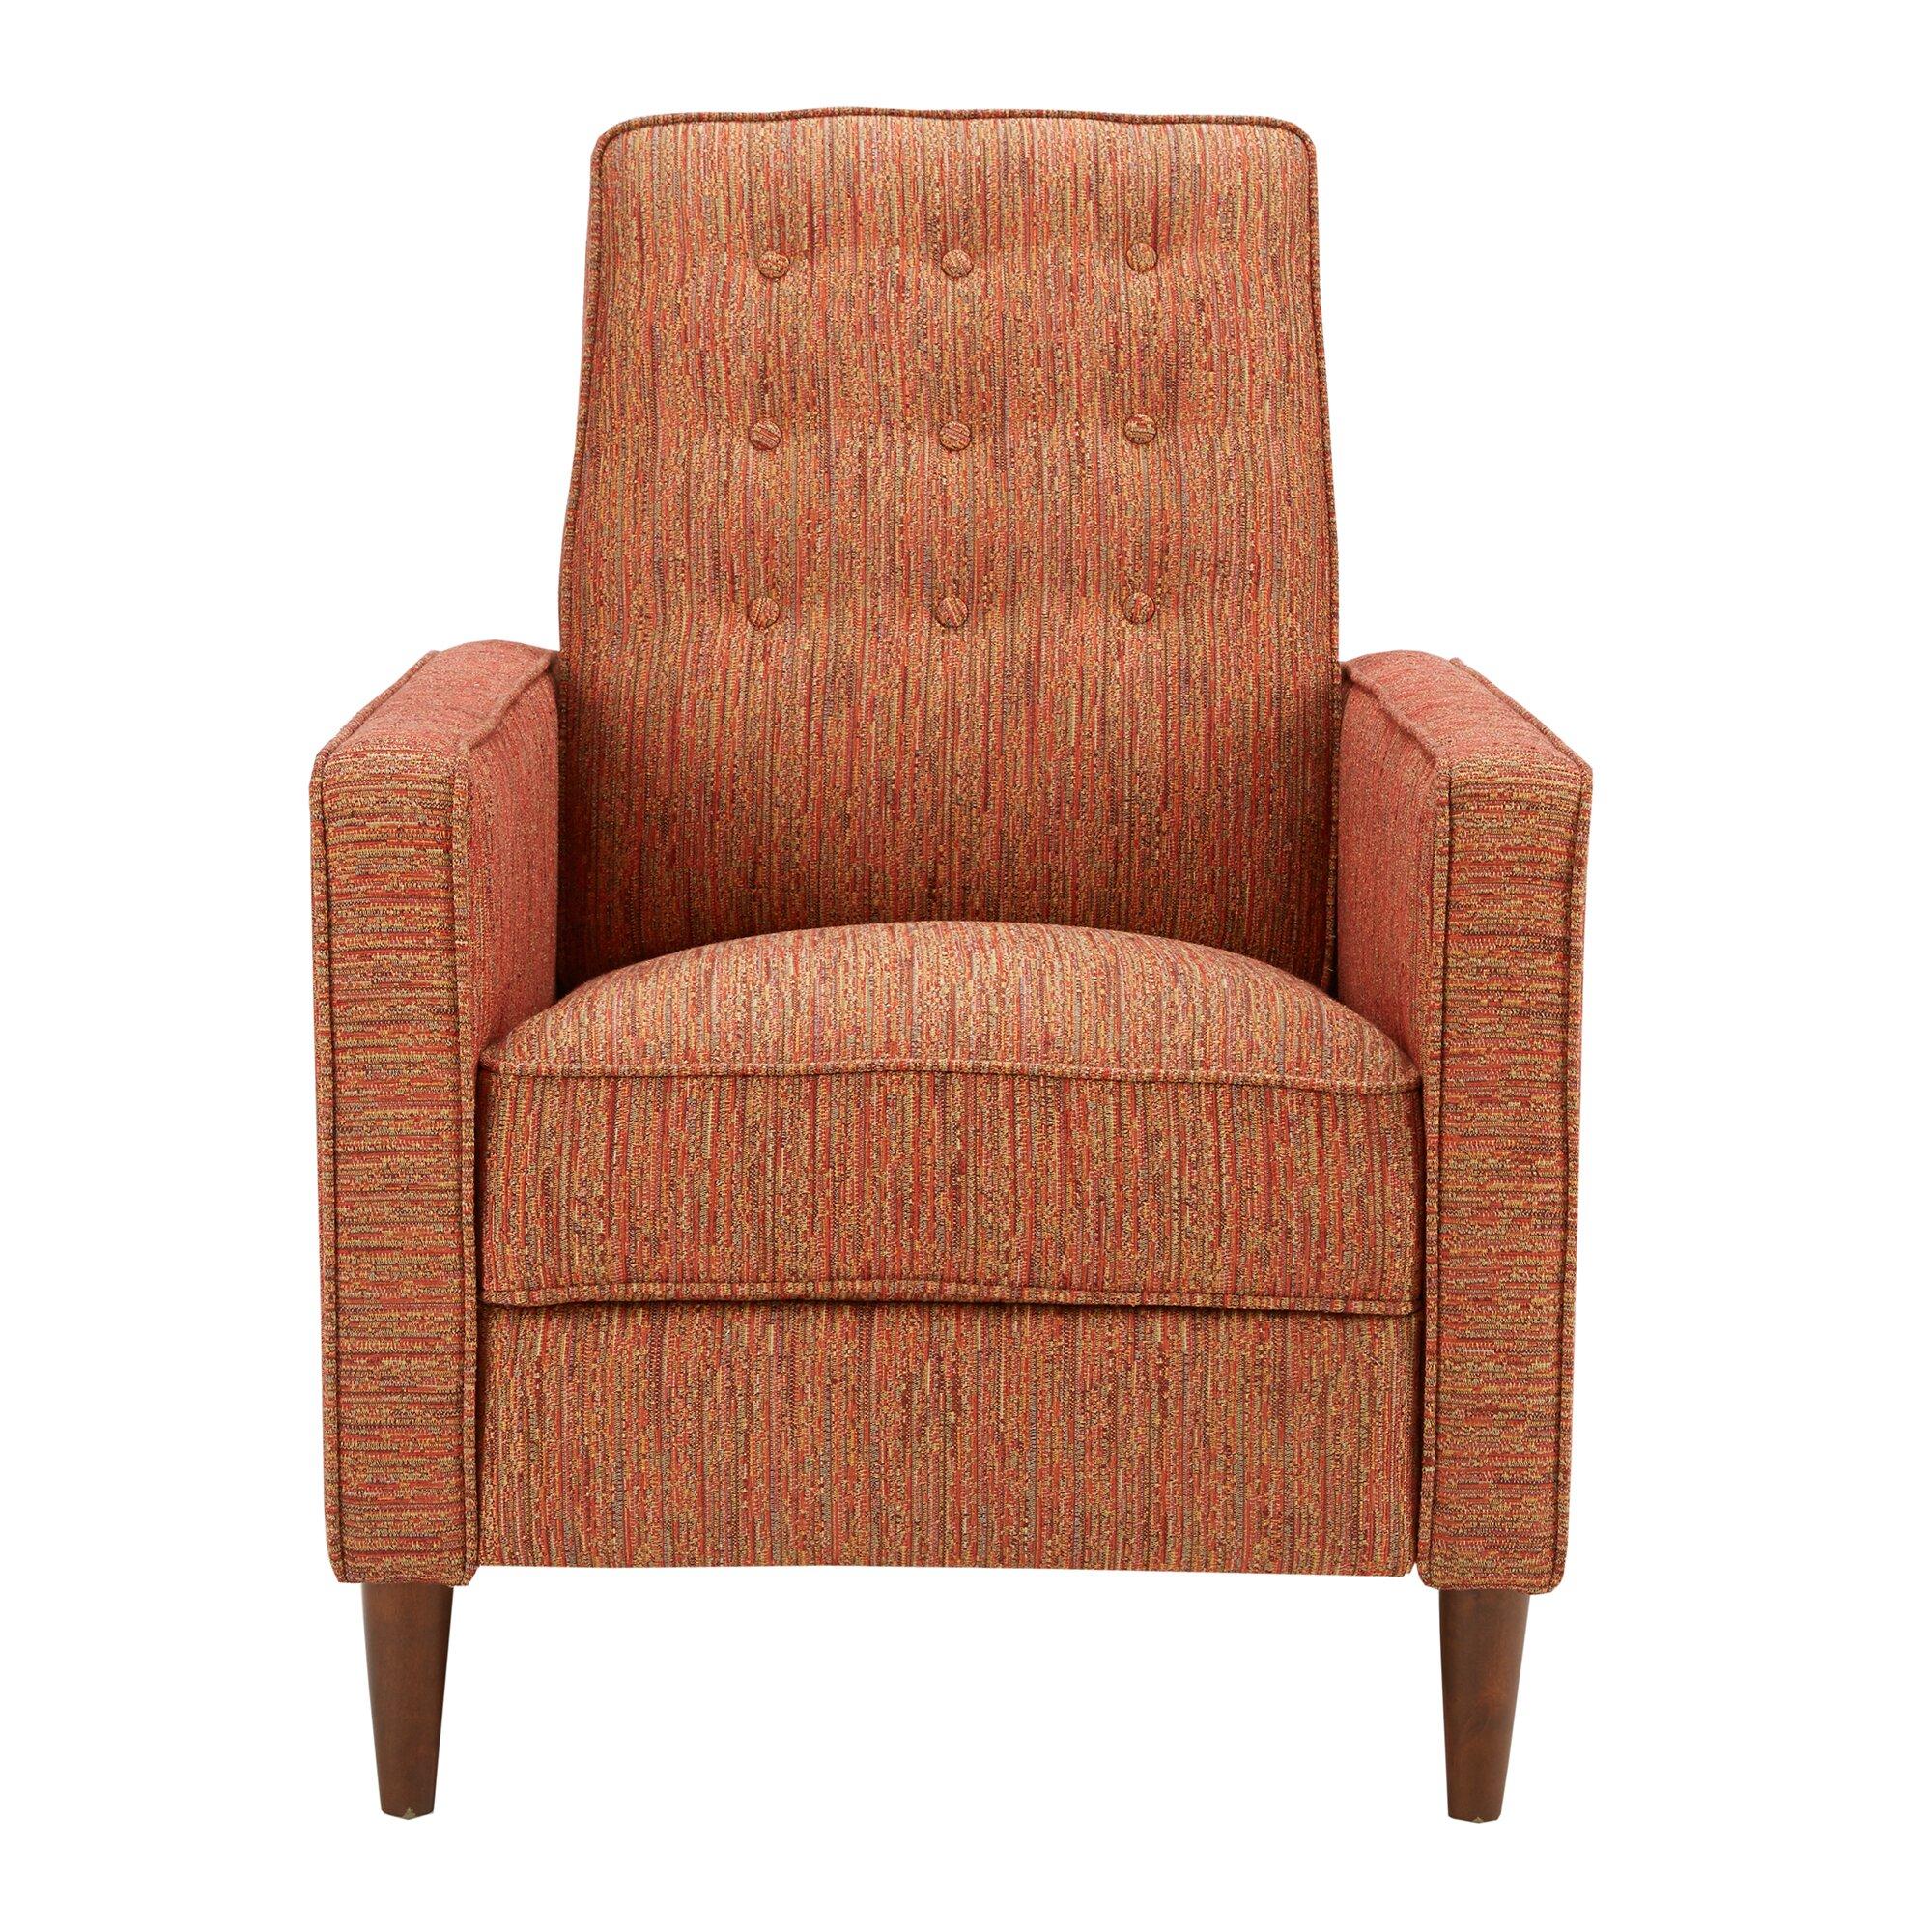 Orange Recliner Chair Instachair